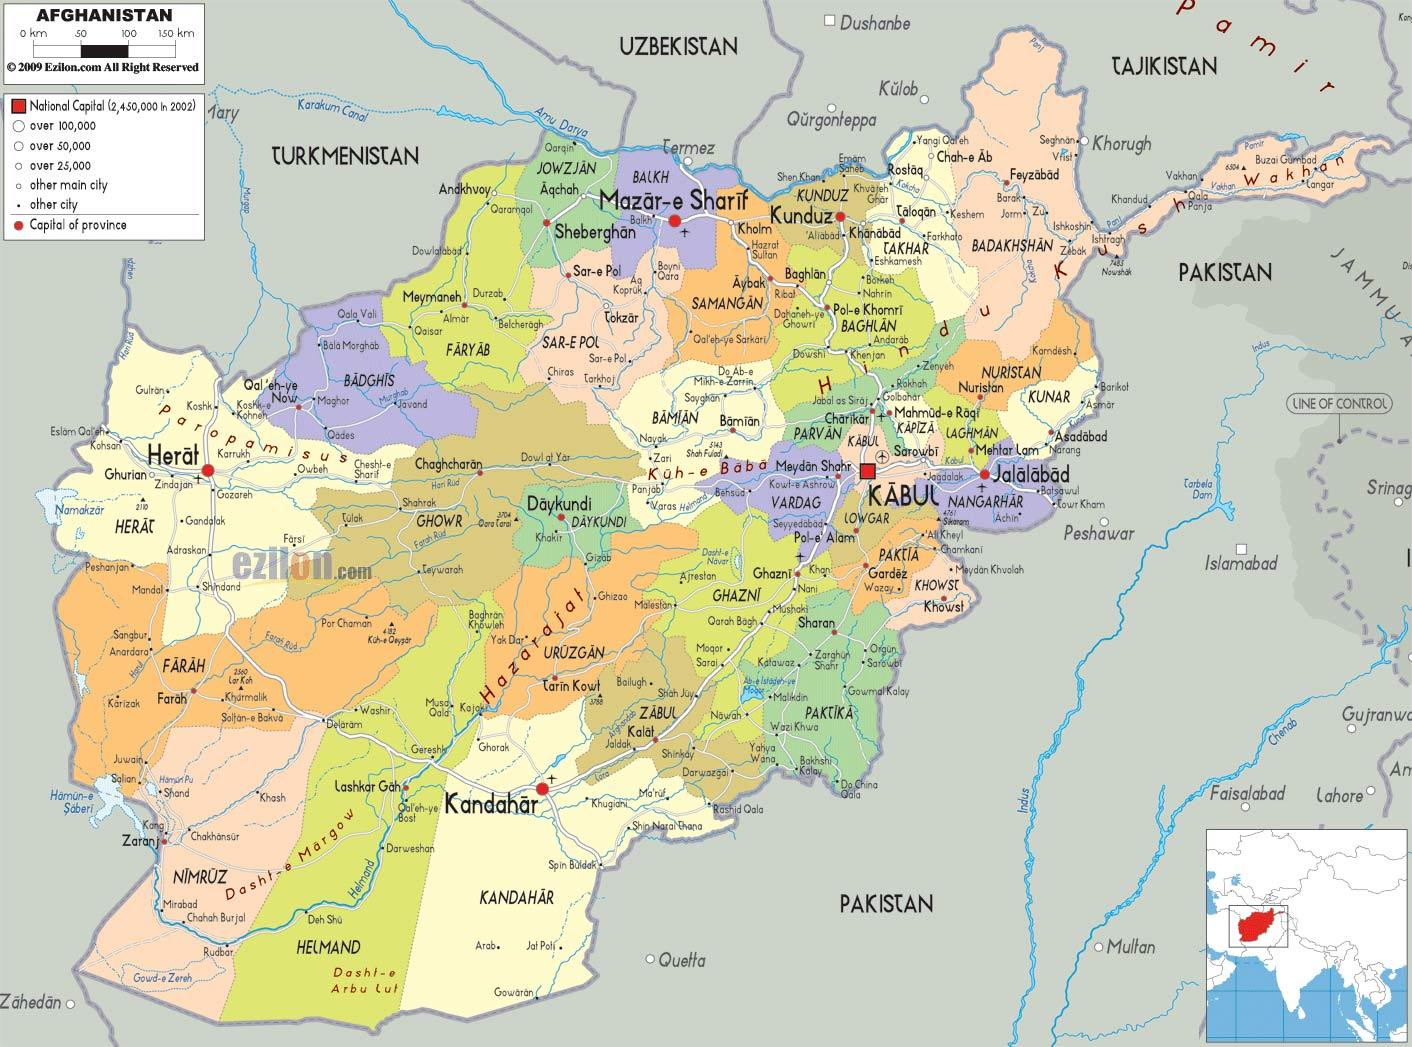 Videos de Combate Contra Talibas no Afeganistao por Ben Anderson na VBS.tv 1